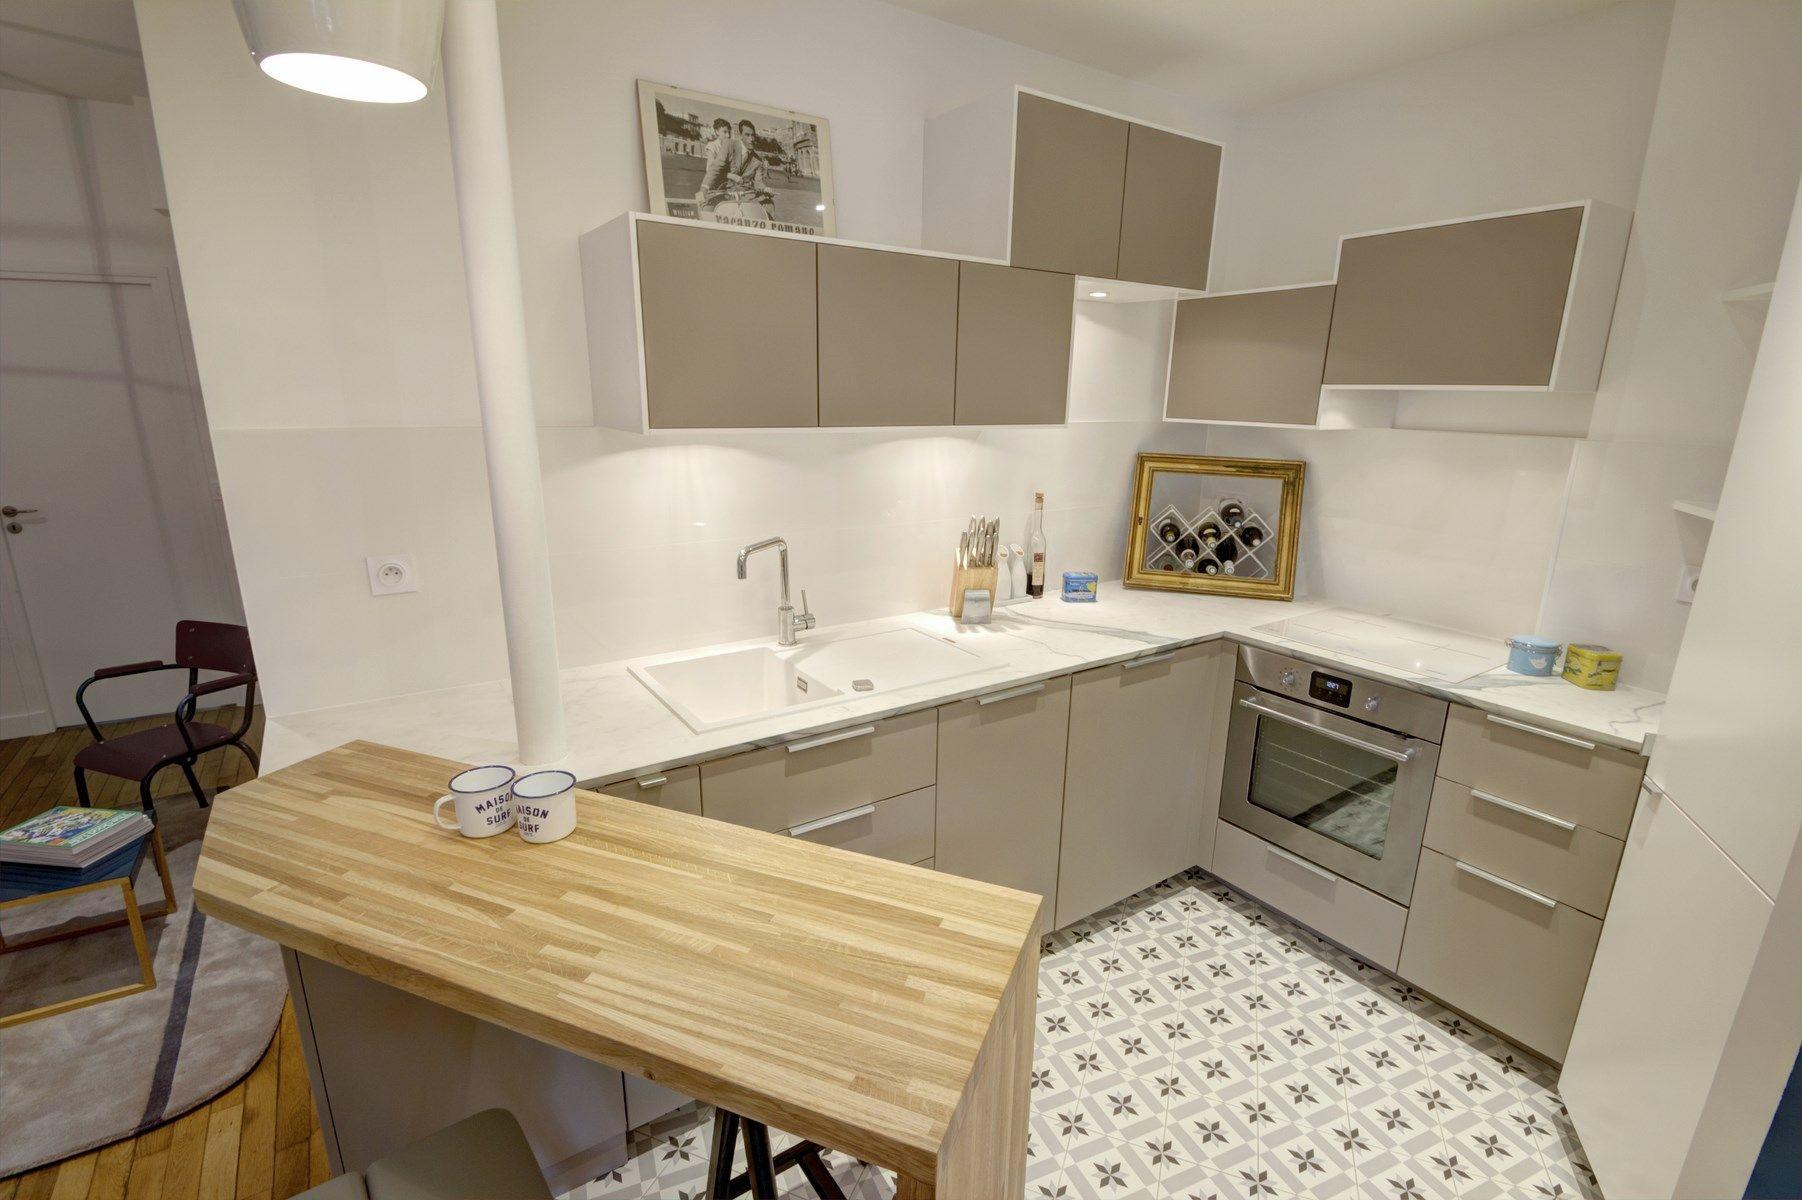 bar en bois massif cuisine ik a carrrelage fa on carreaux de ciment plan de travail c ramique. Black Bedroom Furniture Sets. Home Design Ideas